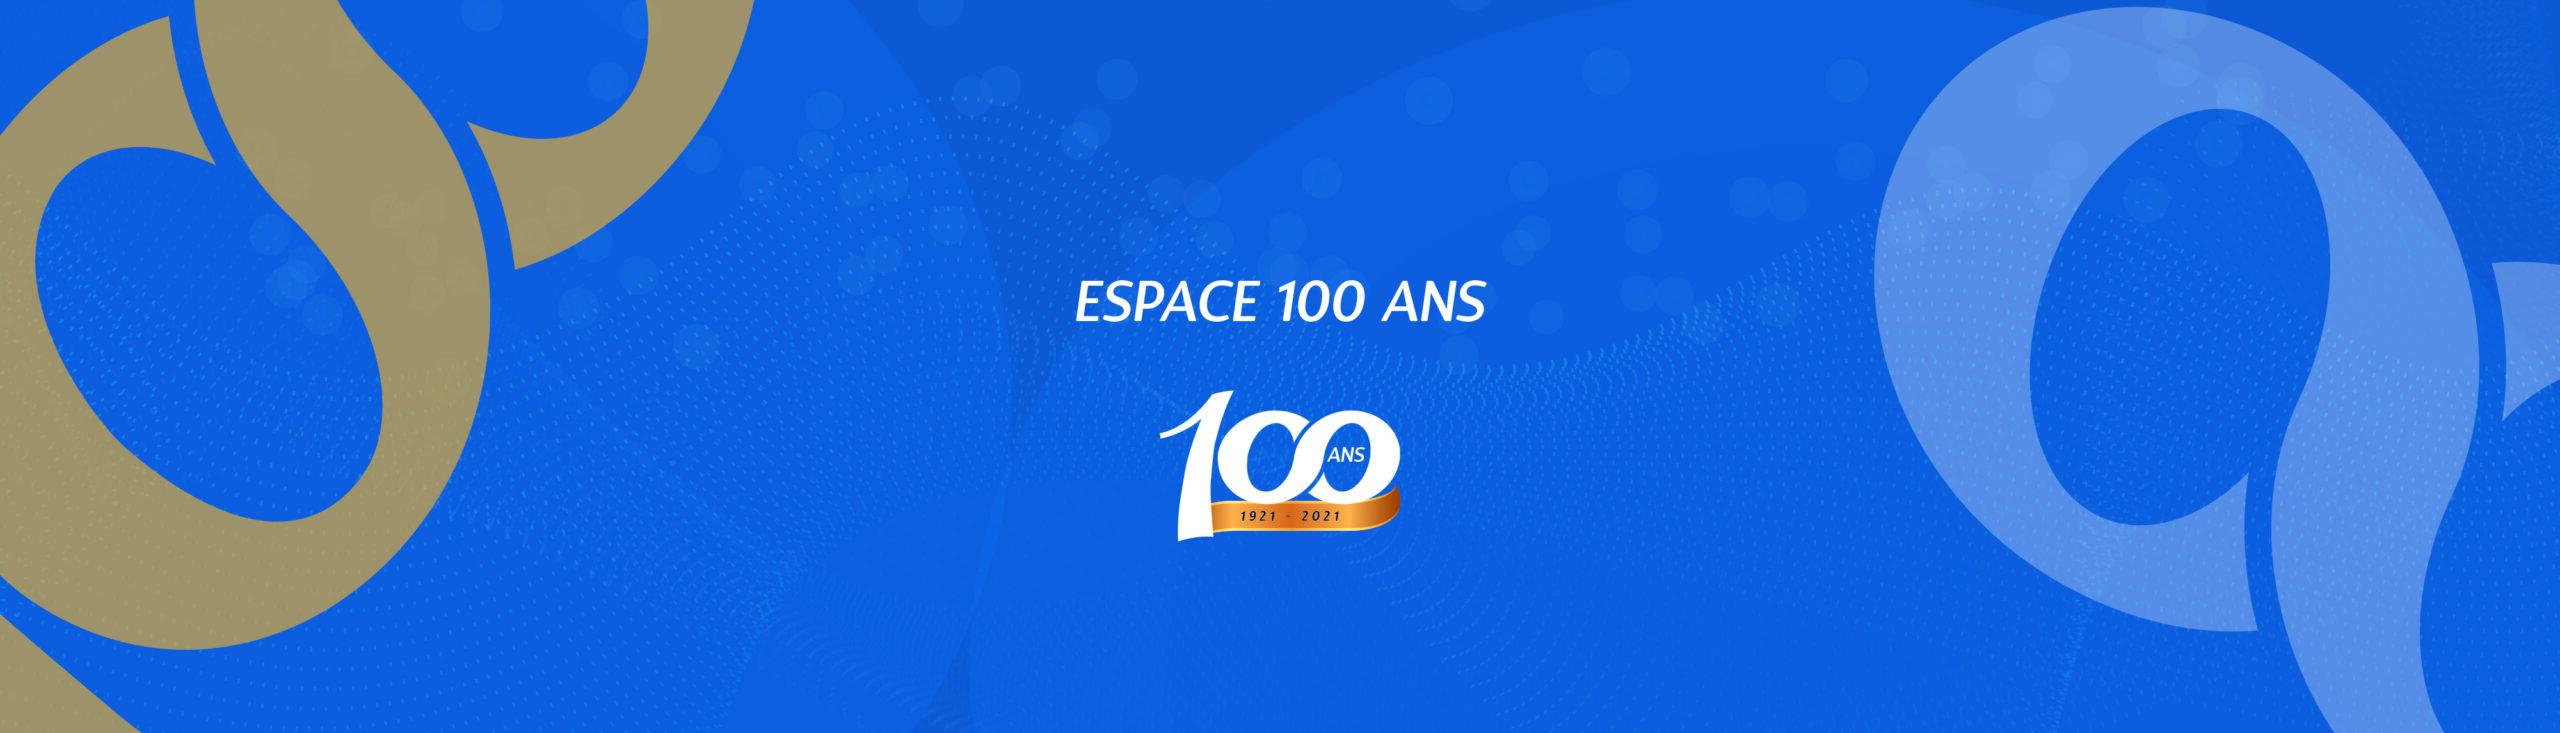 Bannière 100 ans